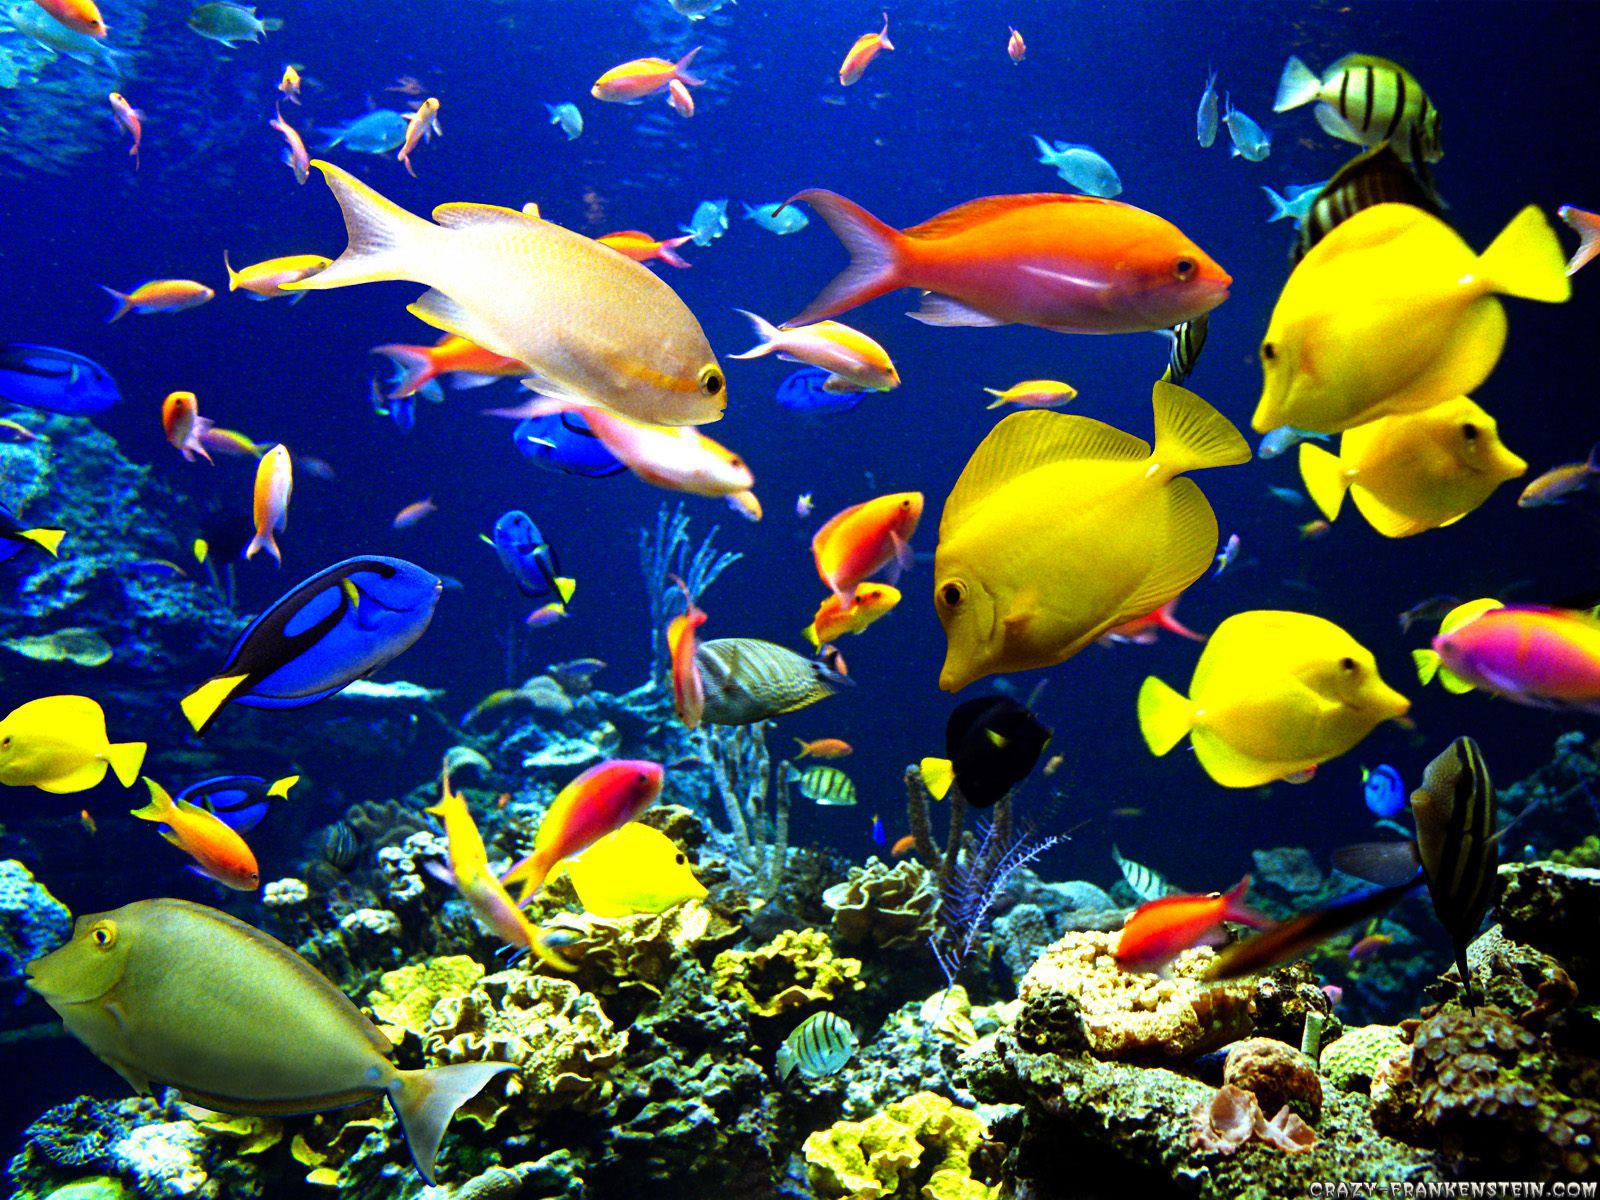 Tropical fish school wallpaper Wallpaper Wide HD 1600x1200